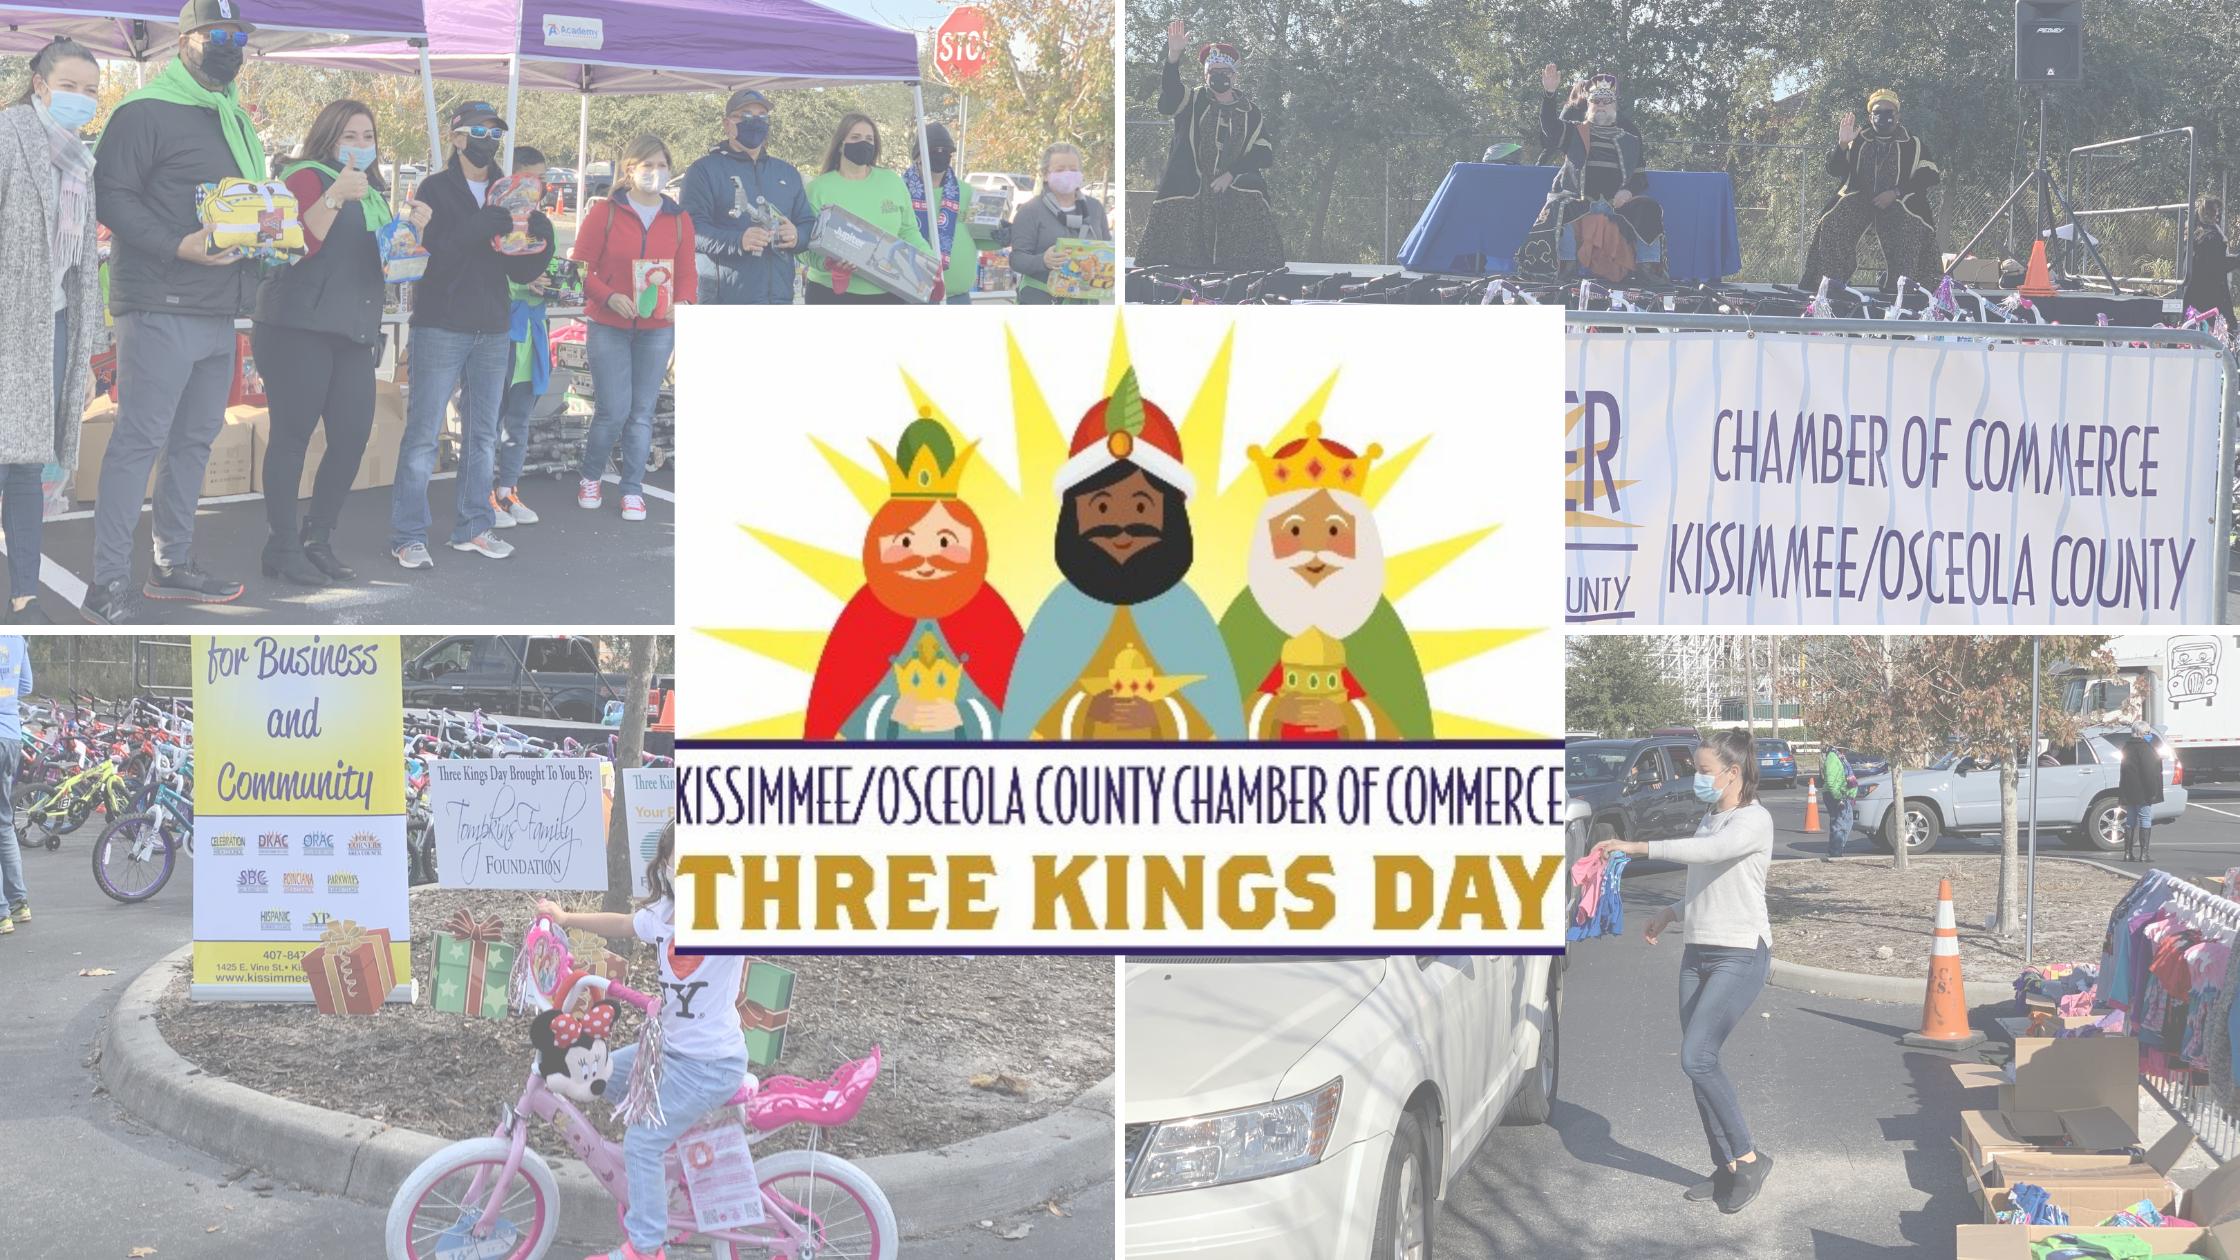 Kissimmee/Osceola Chamber Celebrates Three Kings Day!